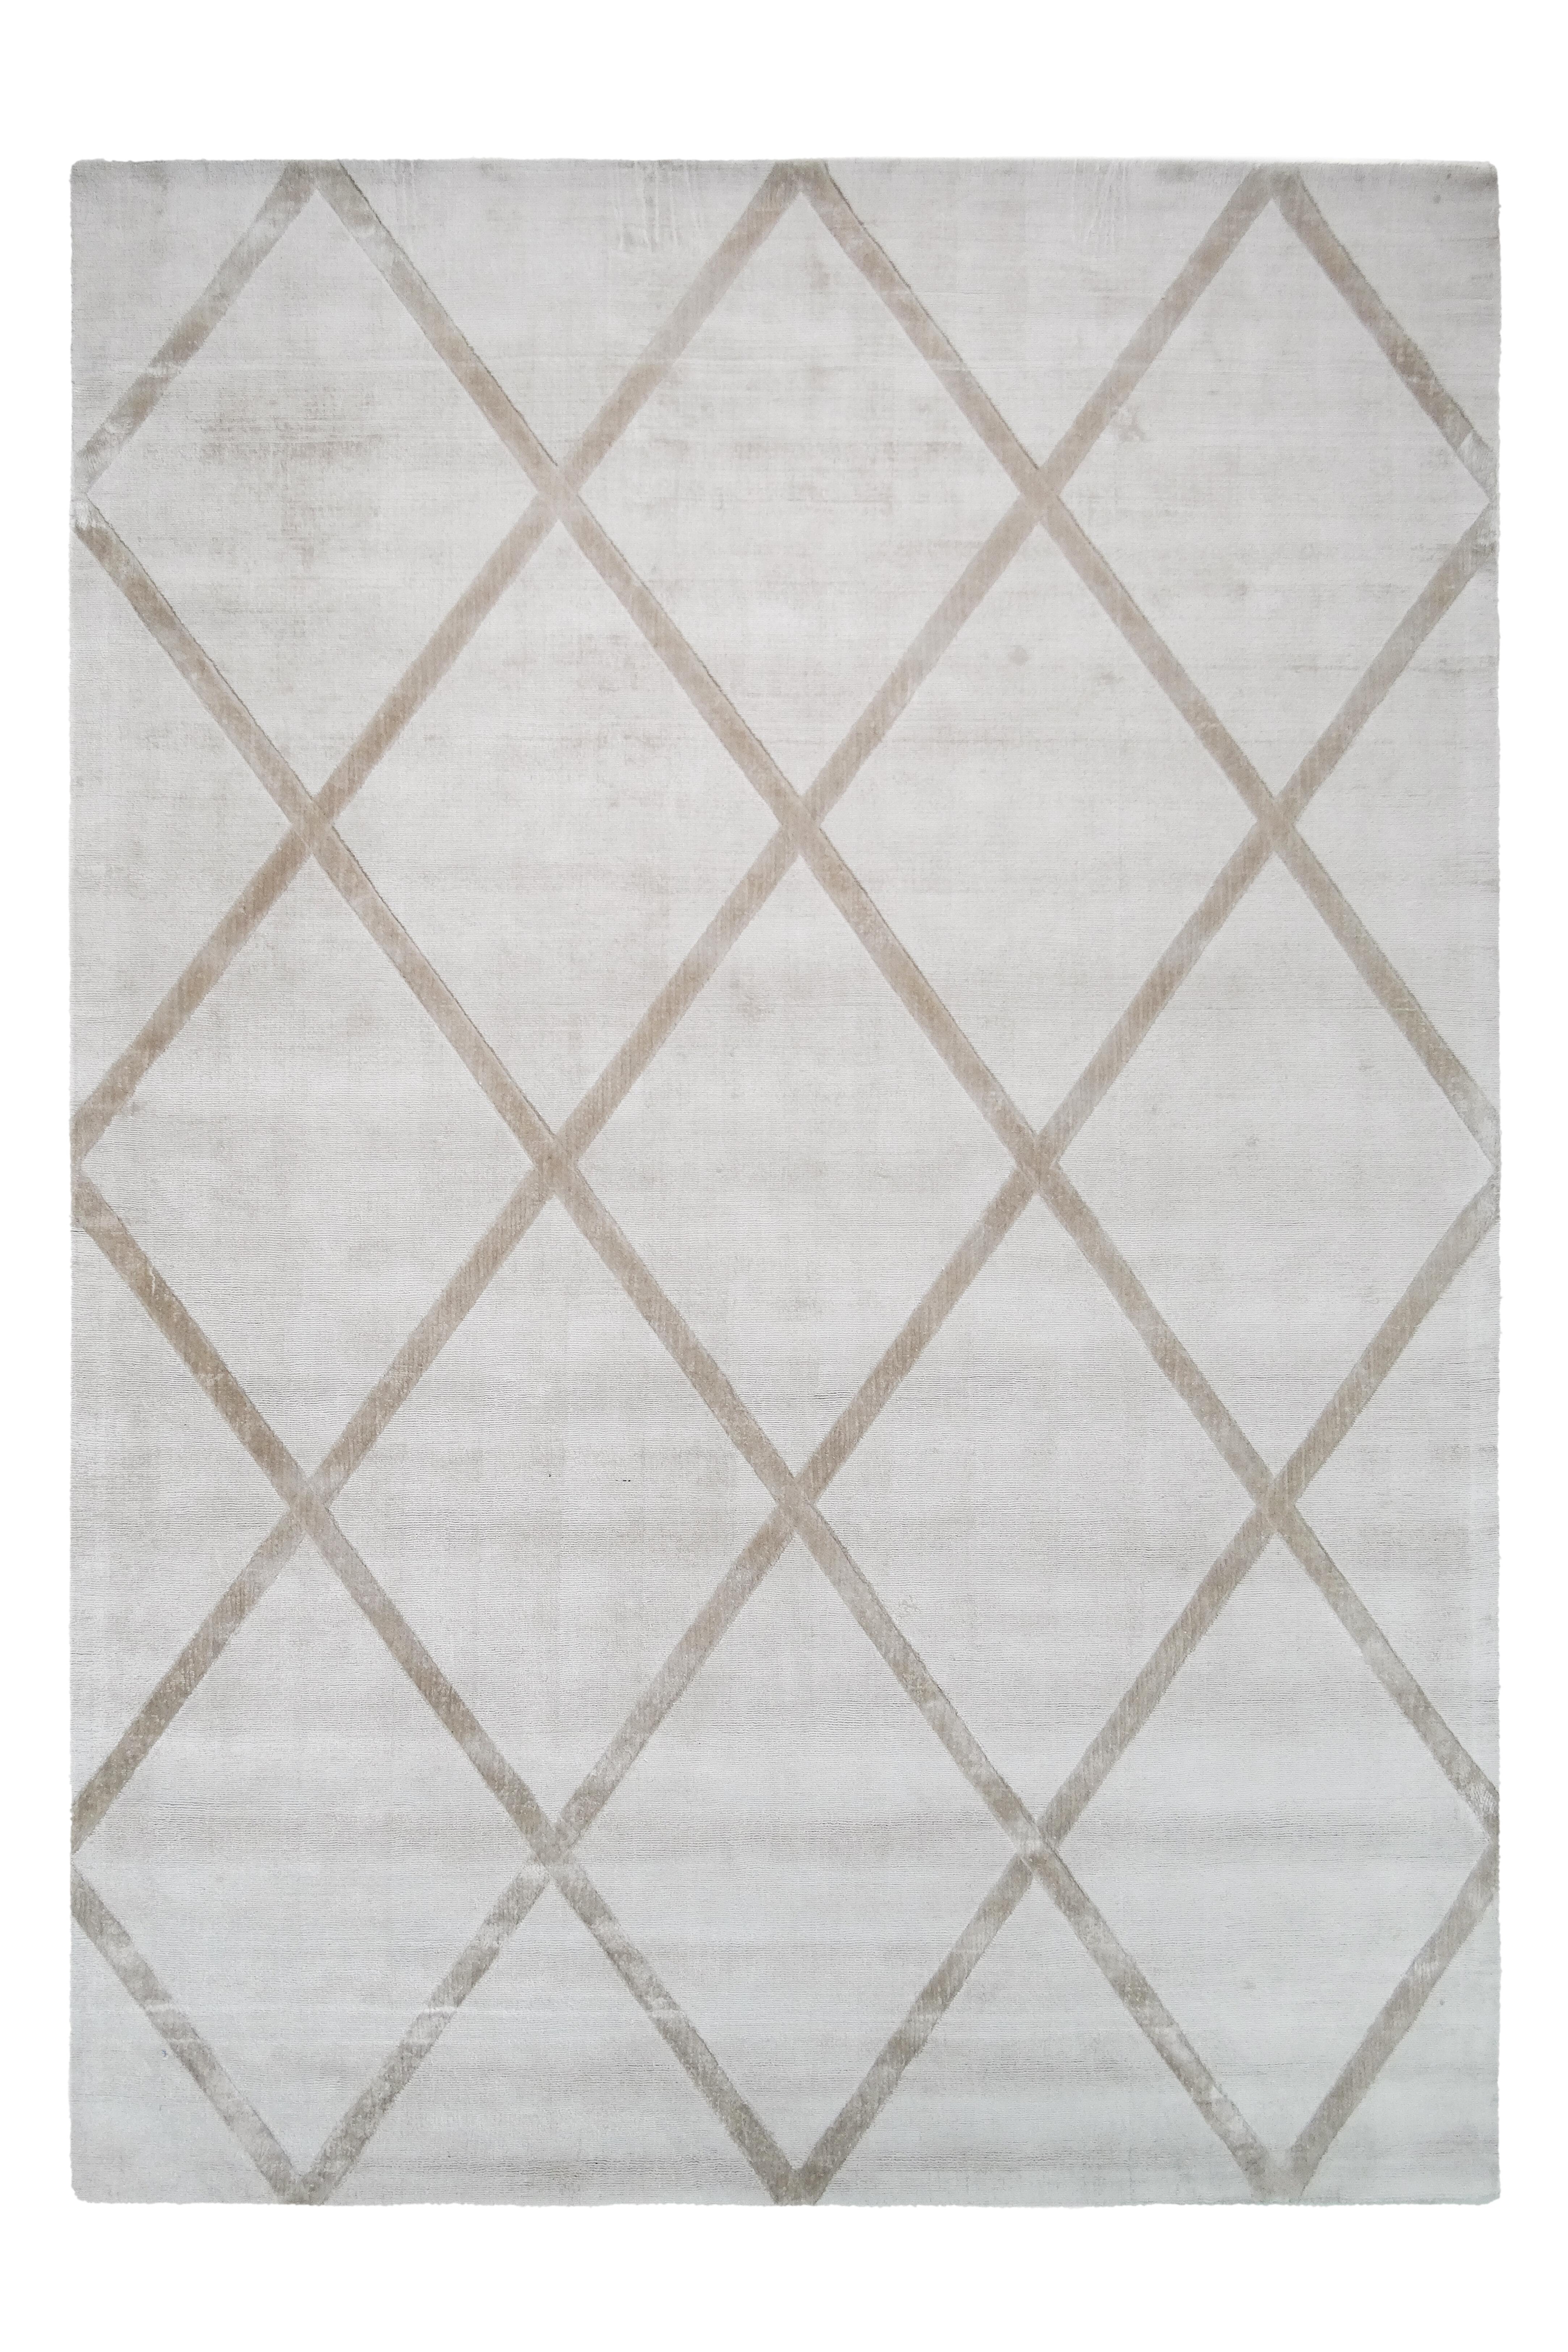 Kayoom Vloerkleed 'Luxury 210' kleur Ivoor / Taupe, 200 x 290cm